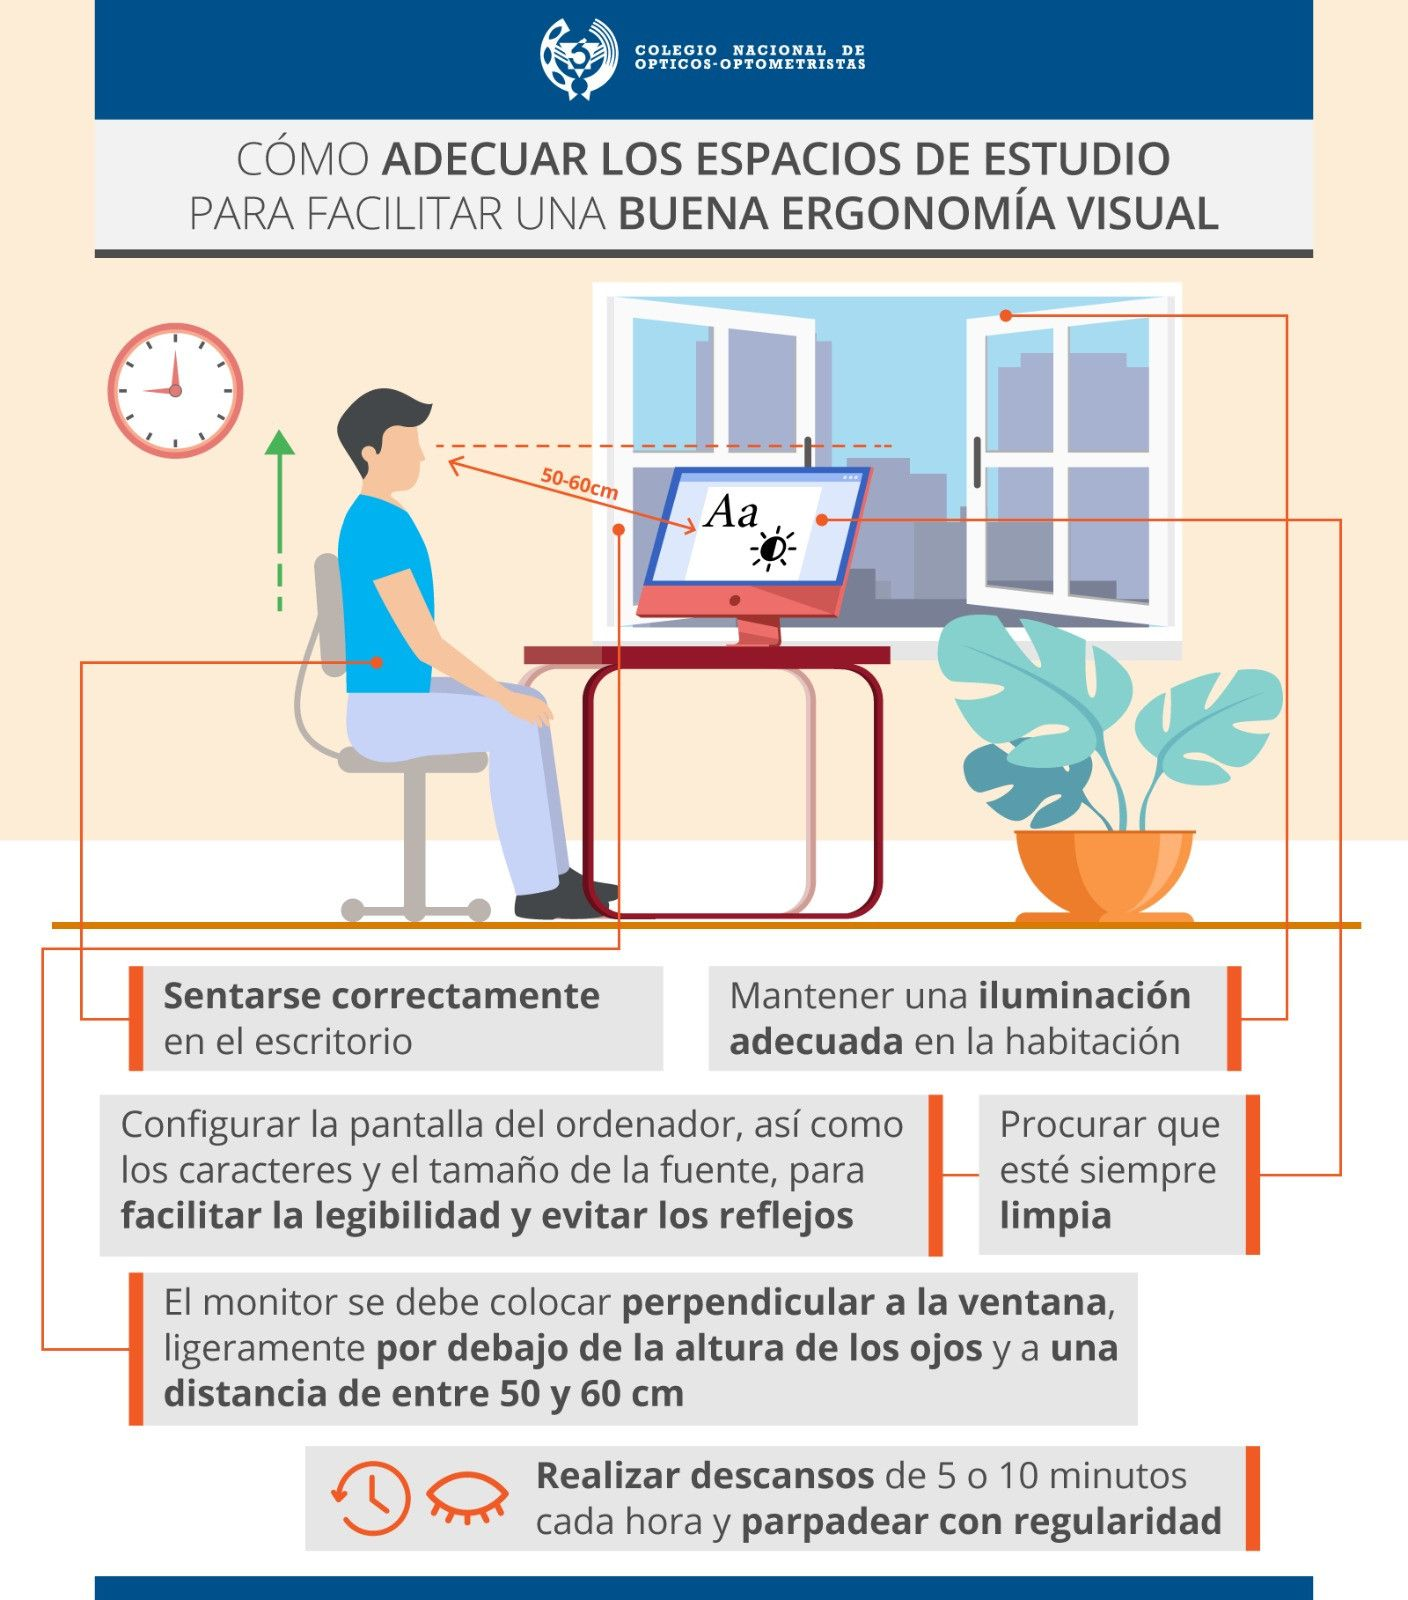 Consejos para adecuar los espacios de estudio y facilitar la ergonomía visual